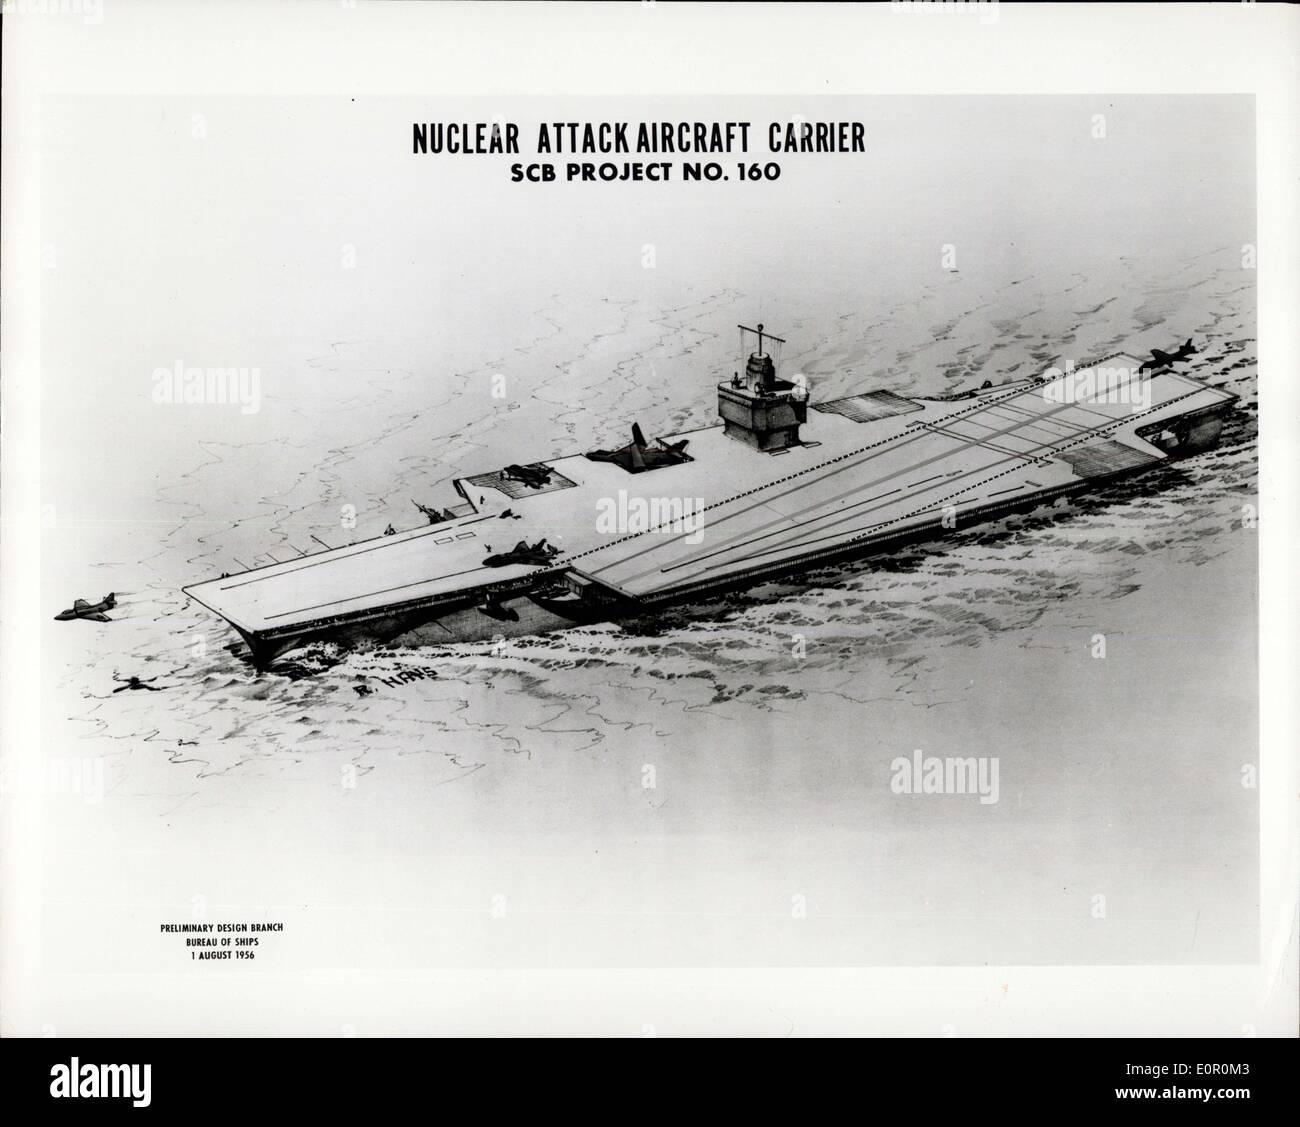 02 août, 1957 - Concept de l'artiste marines de la CVA (transporteur demeurait pertinent compte tenu proposée (N)). CVA(N) représentera la plus moderne d'une longue série d'attaque des transporteurs, en commençant par l'USS Langley en 1922, l'une des plus importantes caractéristiques de l'CVAN Sera Steaking presque illimité à haute vitesse d'Endurance. La flexibilité opérationnelle sera augmenté également, en raison de cette capacité, puisque grande vitesse peut être maintenu sans égard à la conservation de l'huile de carburant; les capacités offensives et défensives seront améliorées et la reconstitution des exigences, Rejuced Photo Stock